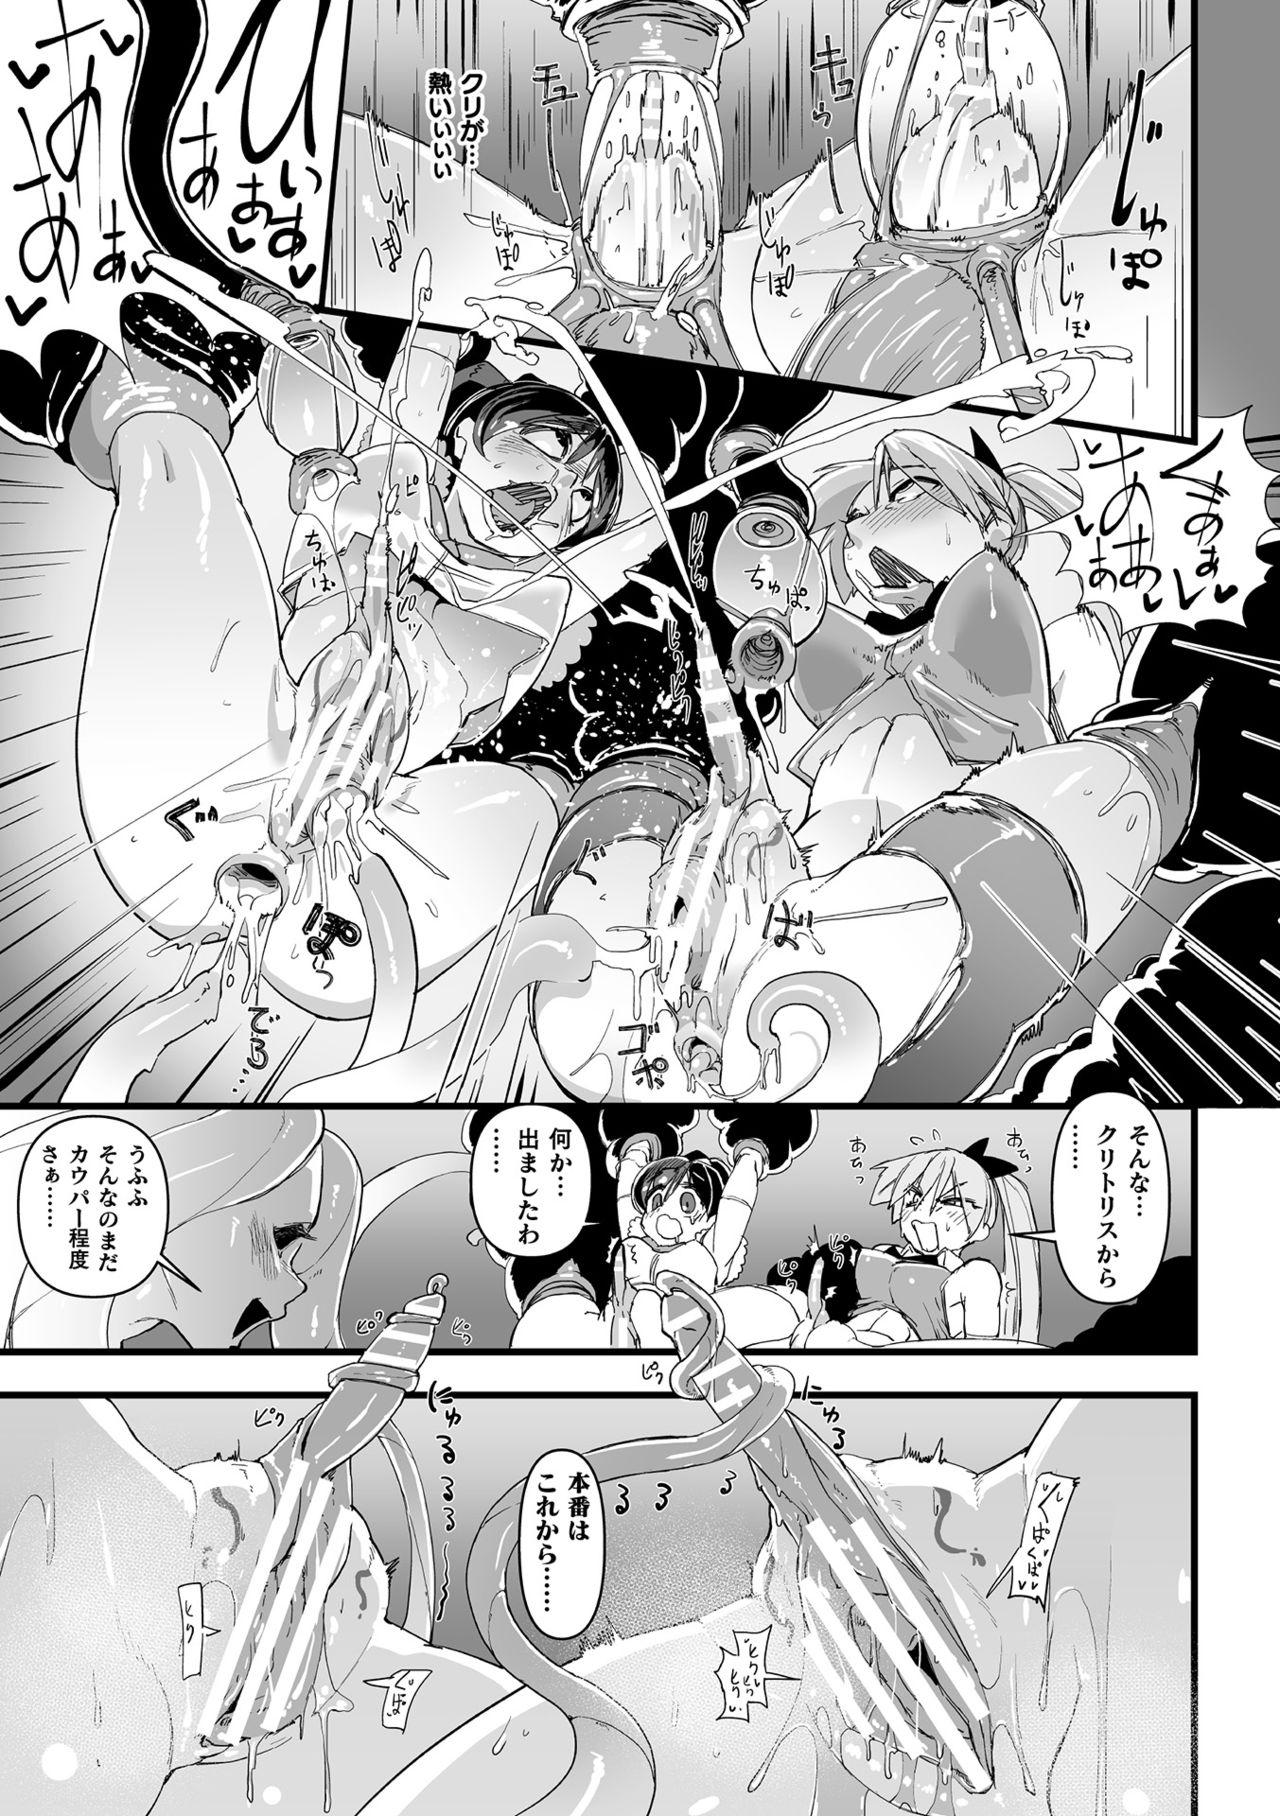 2D Comic Magazine Clitoris Kaizou Kiroku Inkaku Choukyou de Kairaku ni Ochiru Shoujo-tachi Vol. 2 30